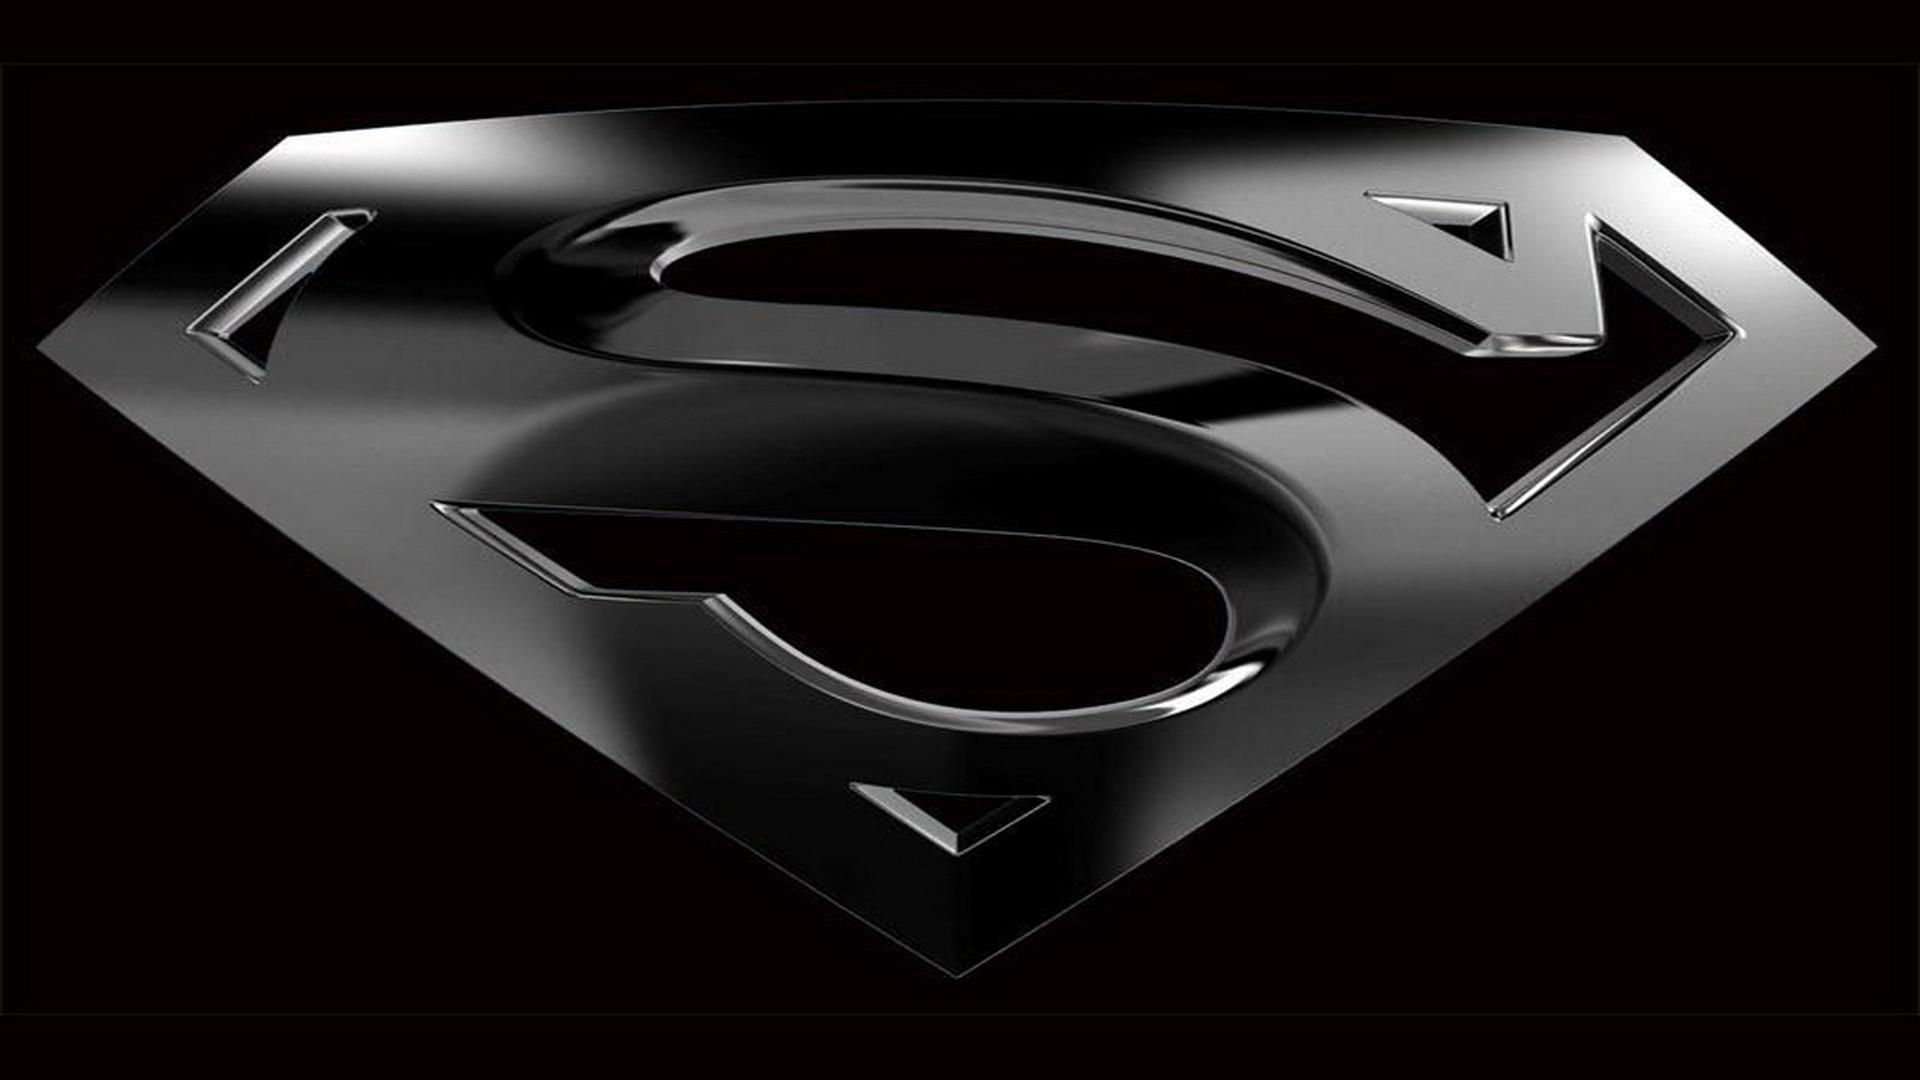 Black superman logo wallpaper wallpapersafari black superman logo wallpaper 934096 1920x1080 voltagebd Gallery